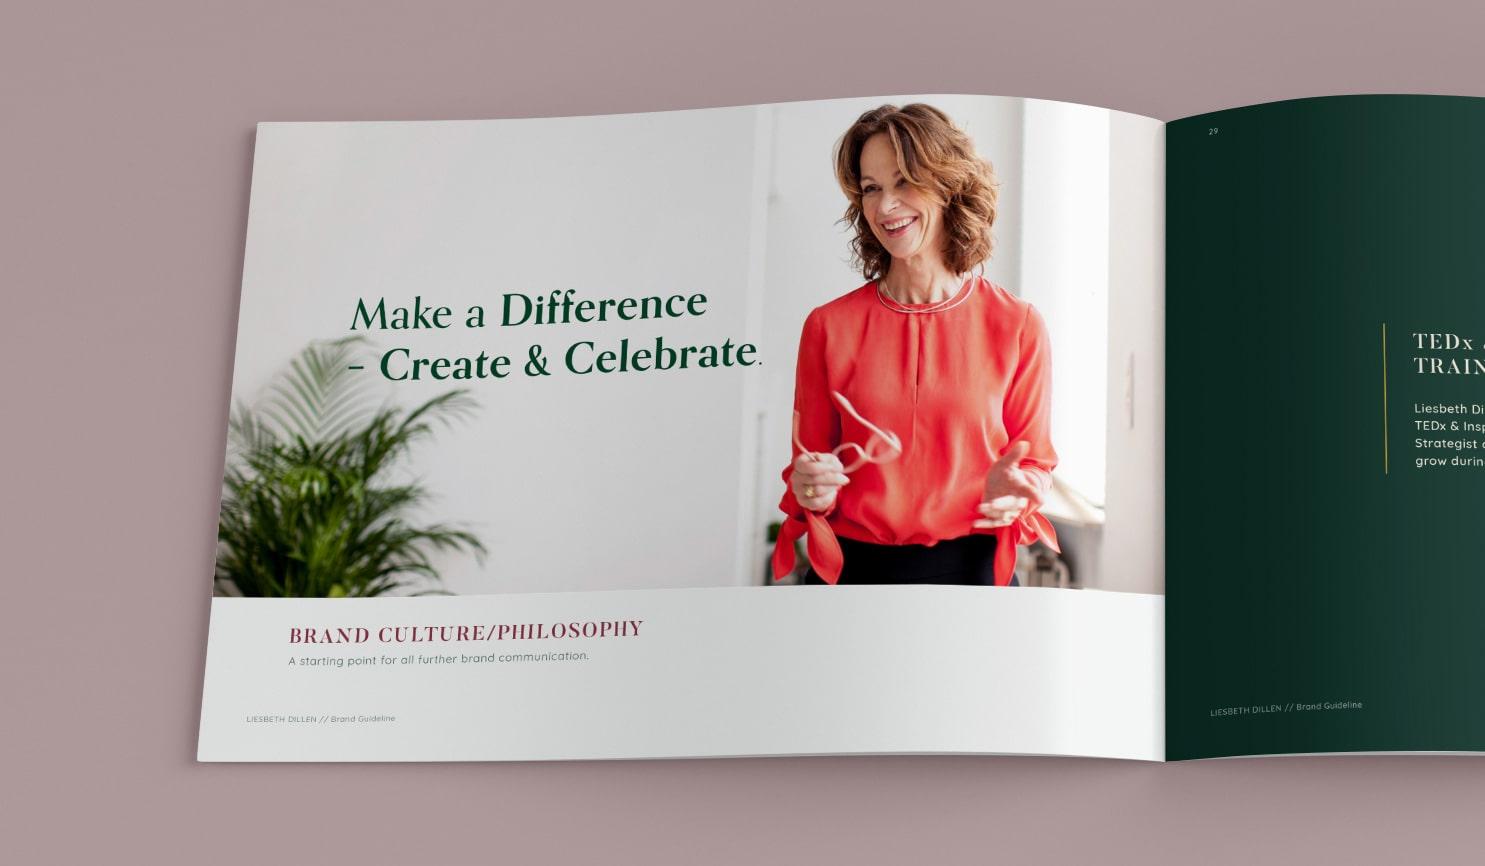 Liesbeth-Dillen-WEB-Brand-Content-VJS-Agency-Brandbook-6-2-min.jpg